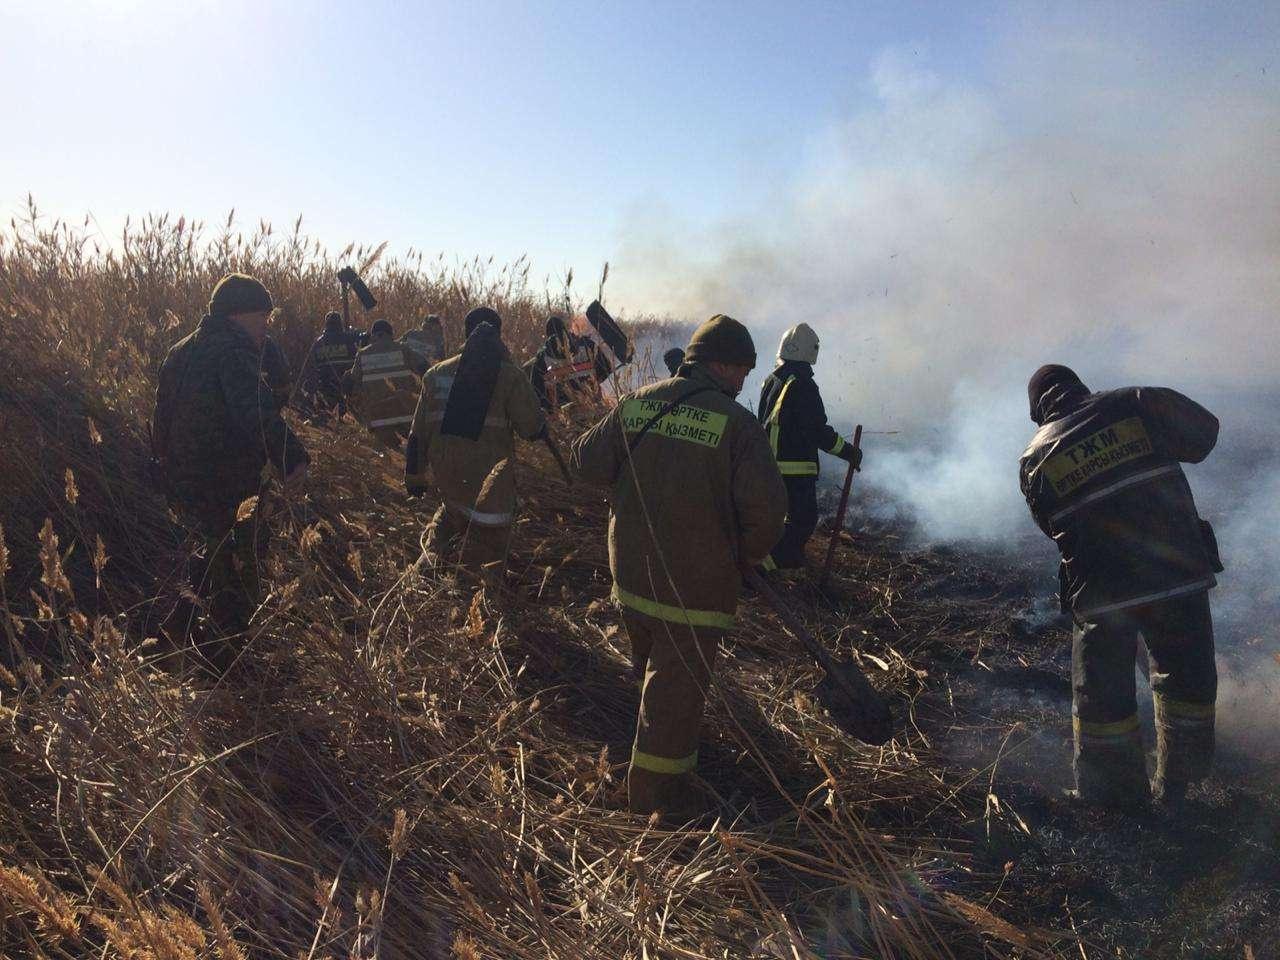 Пожар тушили в болотистой местности